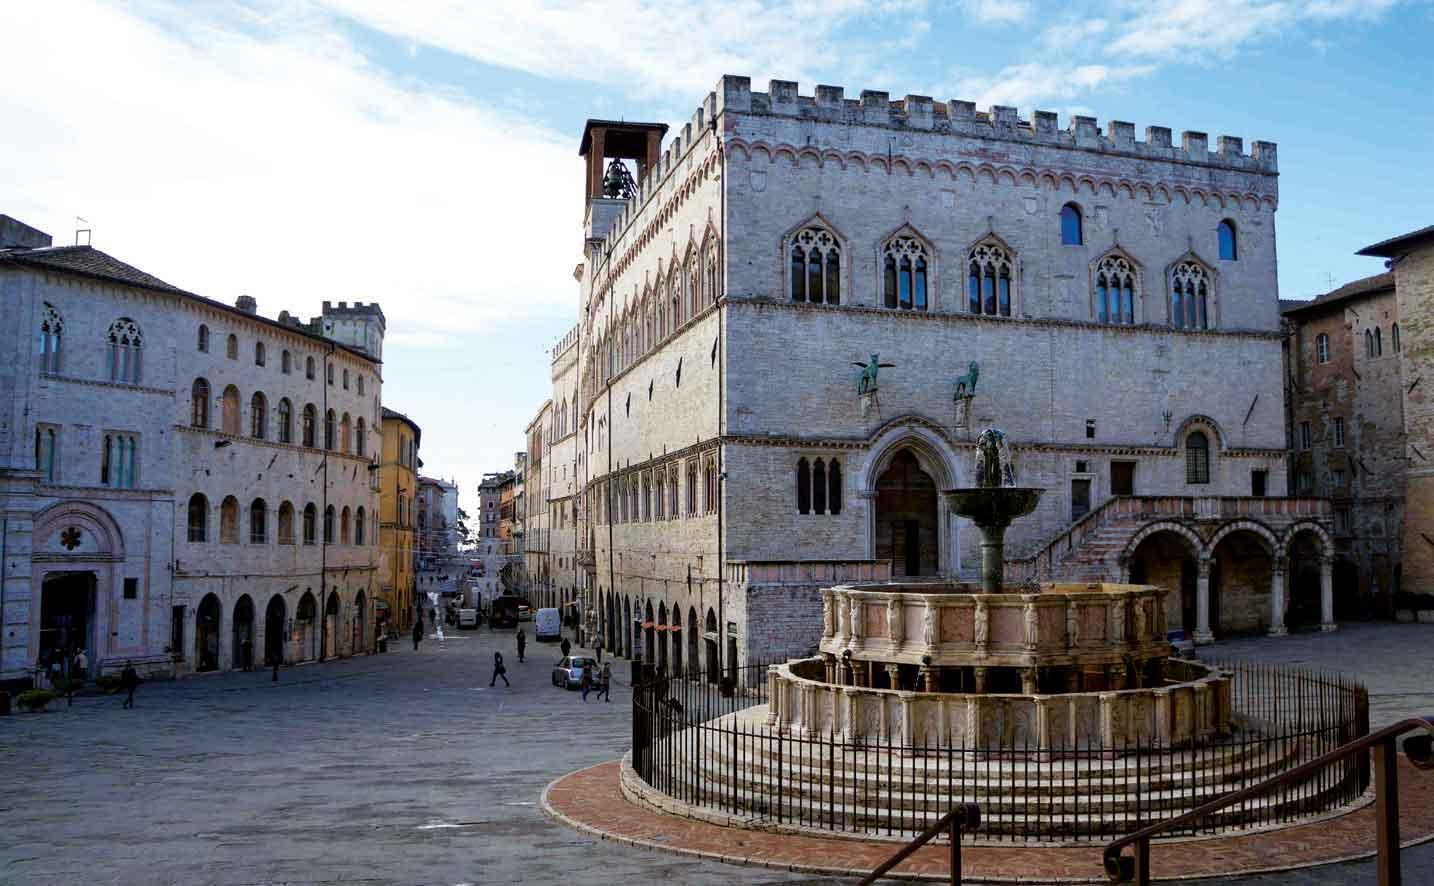 Melihat Indahnya Kota Seni Perugia dari Mata Isthi Rahayu